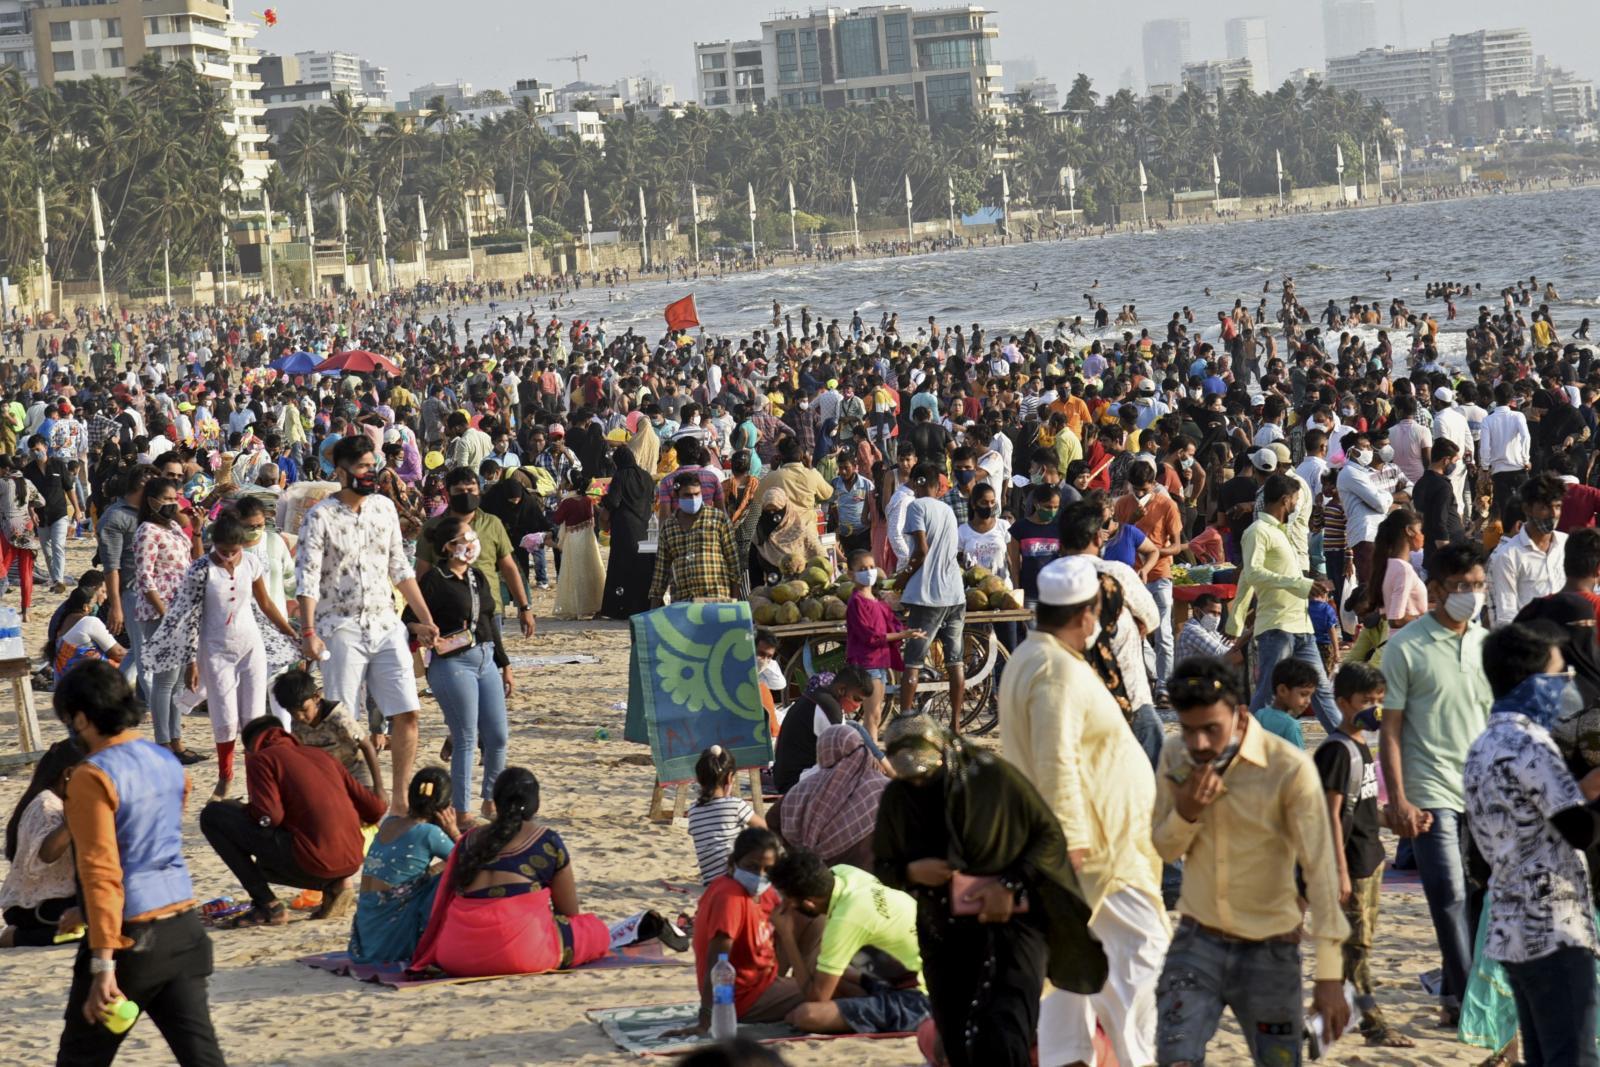 ยอดติดเชื้อโควิดที่แท้จริงใน อินเดีย อาจสูงถึง 500 ล้านคน